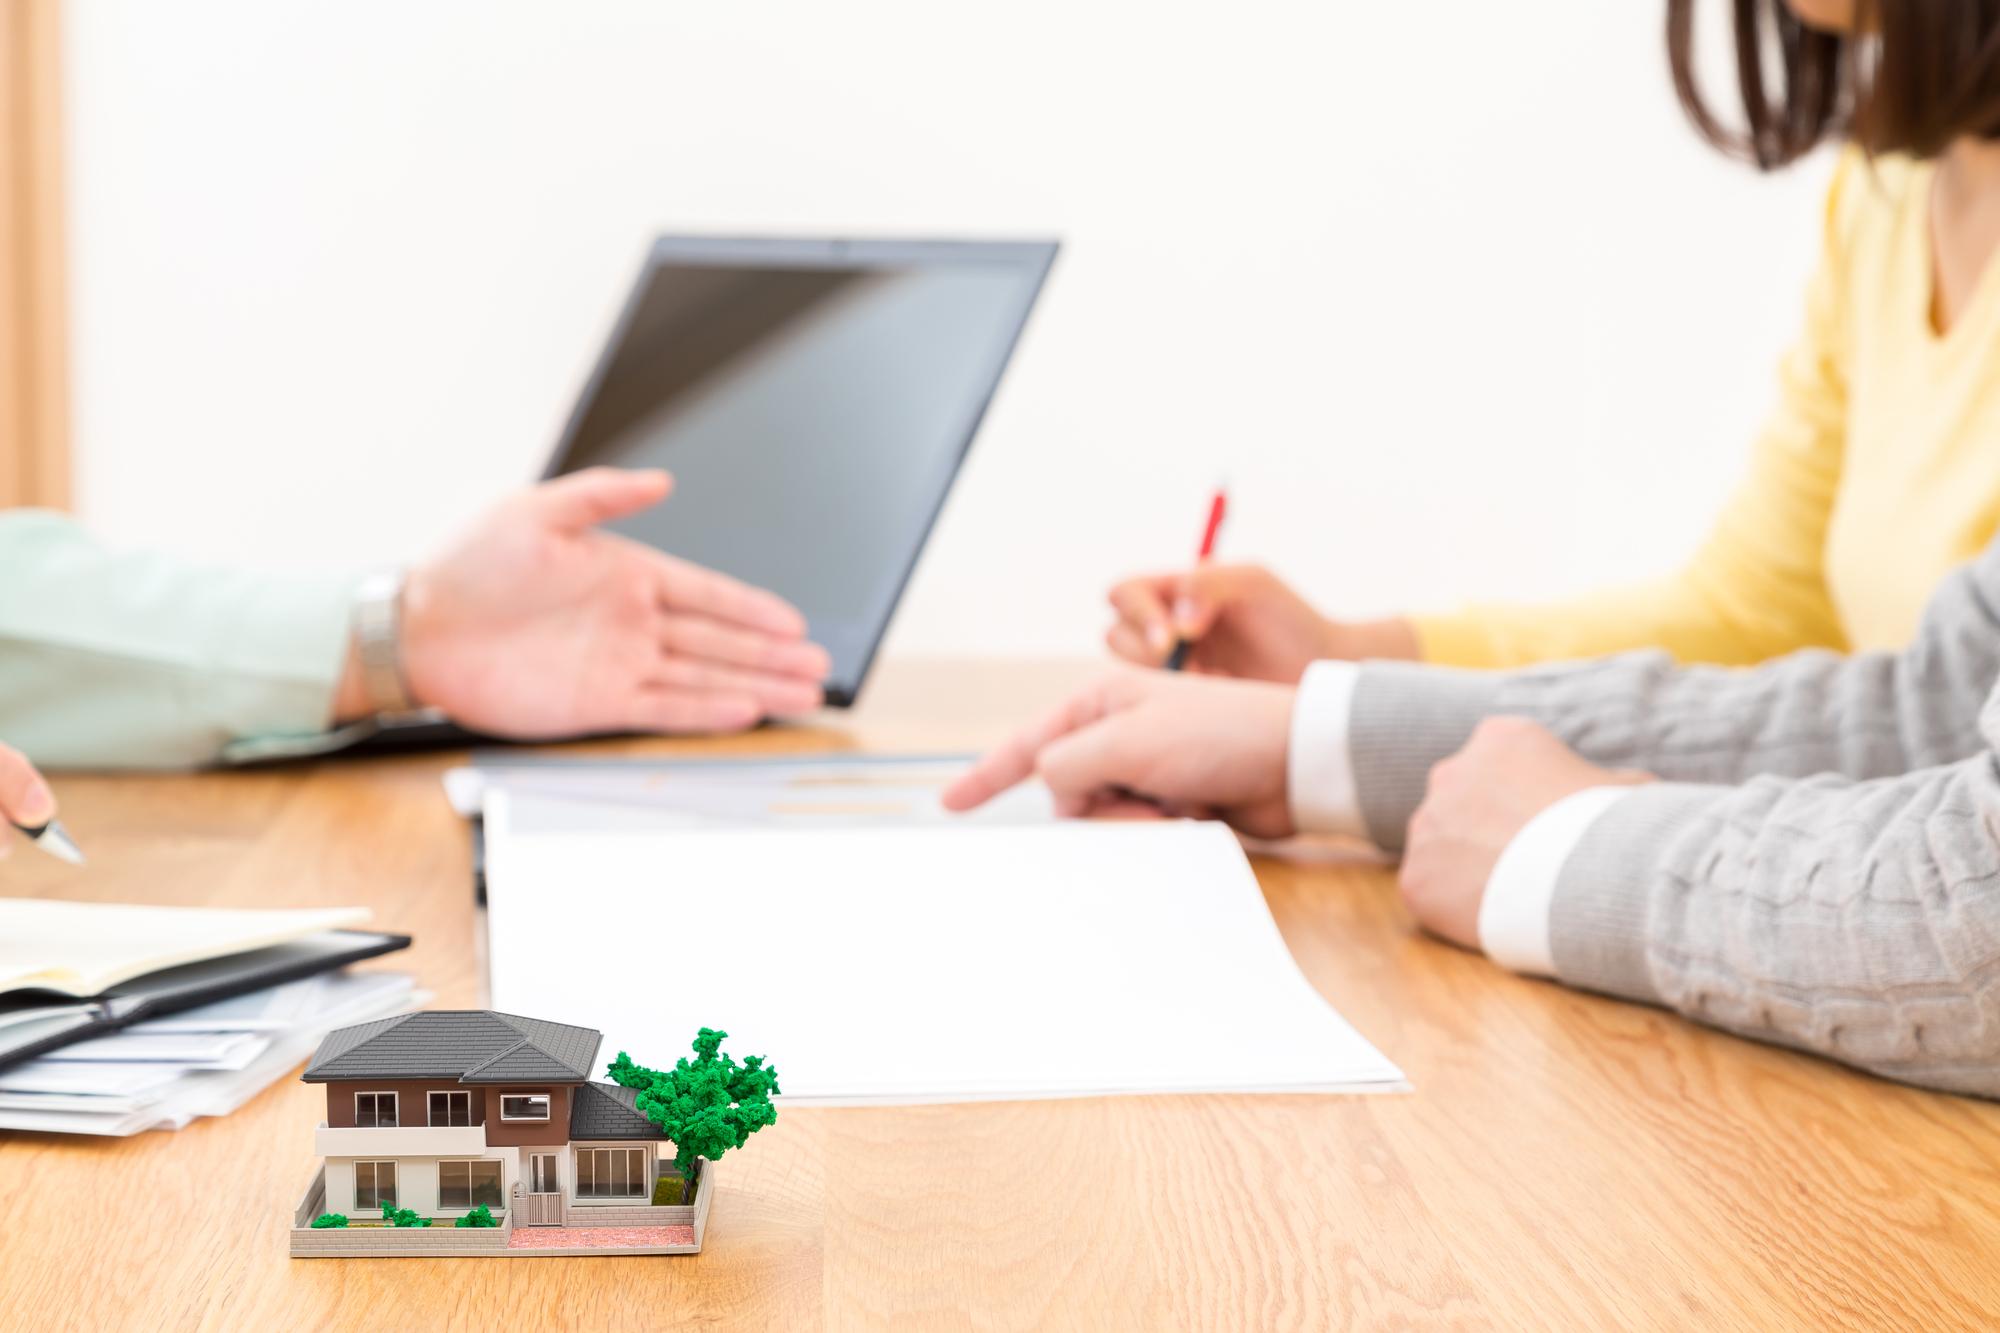 賃貸物件の満室経営に不可欠な「4つの基本原則」とは?④